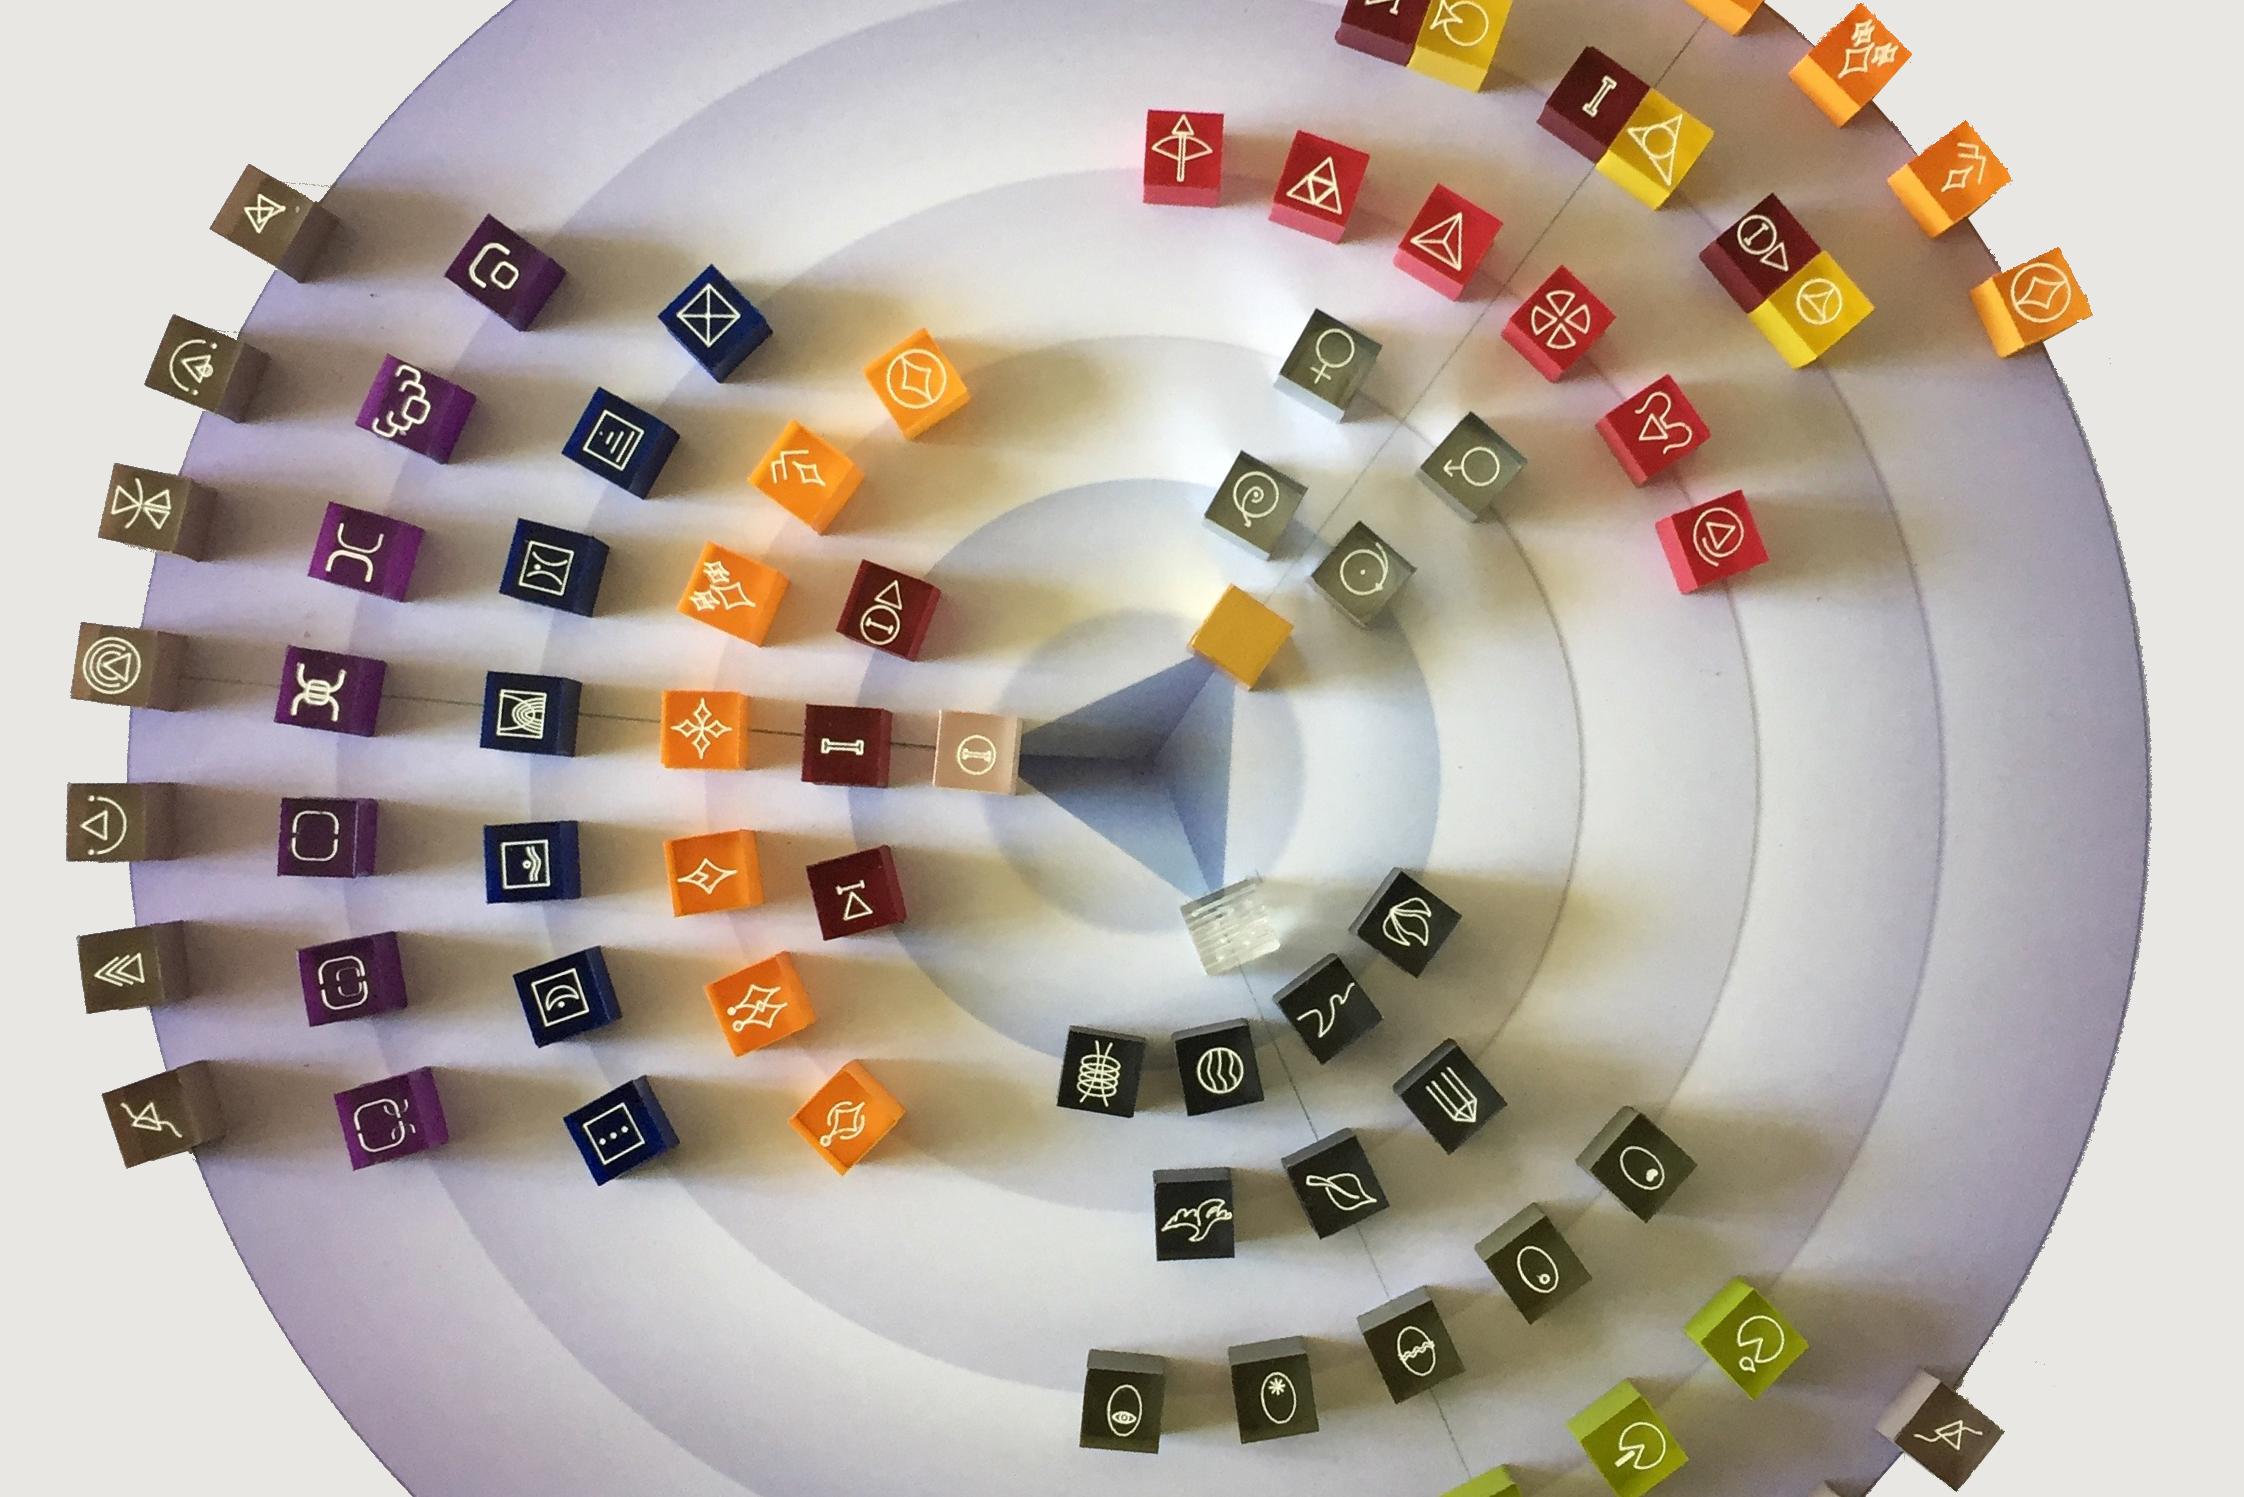 problemPlay-Steine in Kreis angeordnet